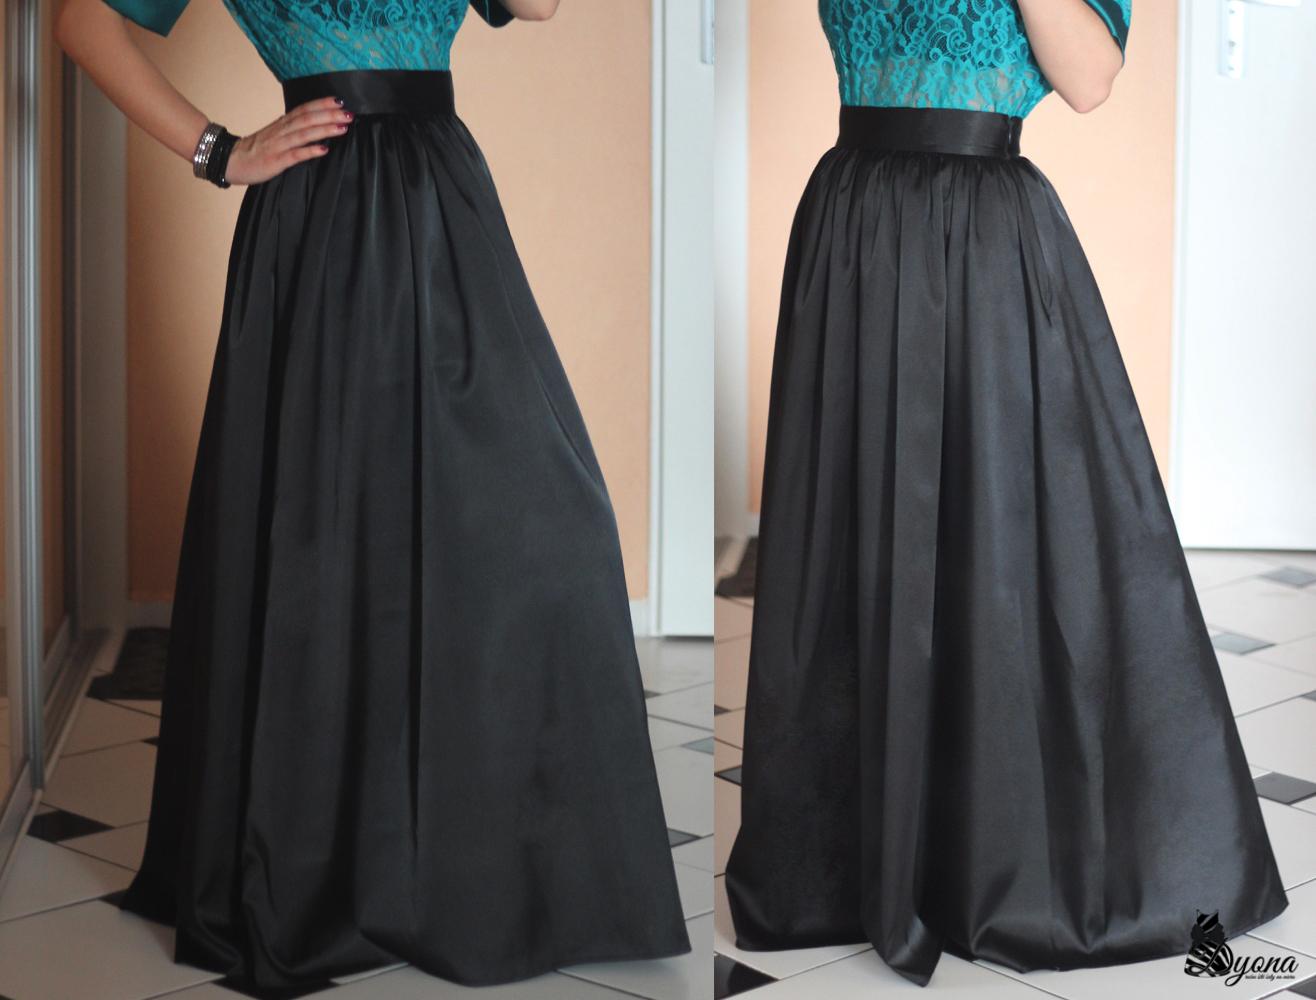 Společenská riasená sukně různé barvy   Zboží prodejce Dyona  495c79506b